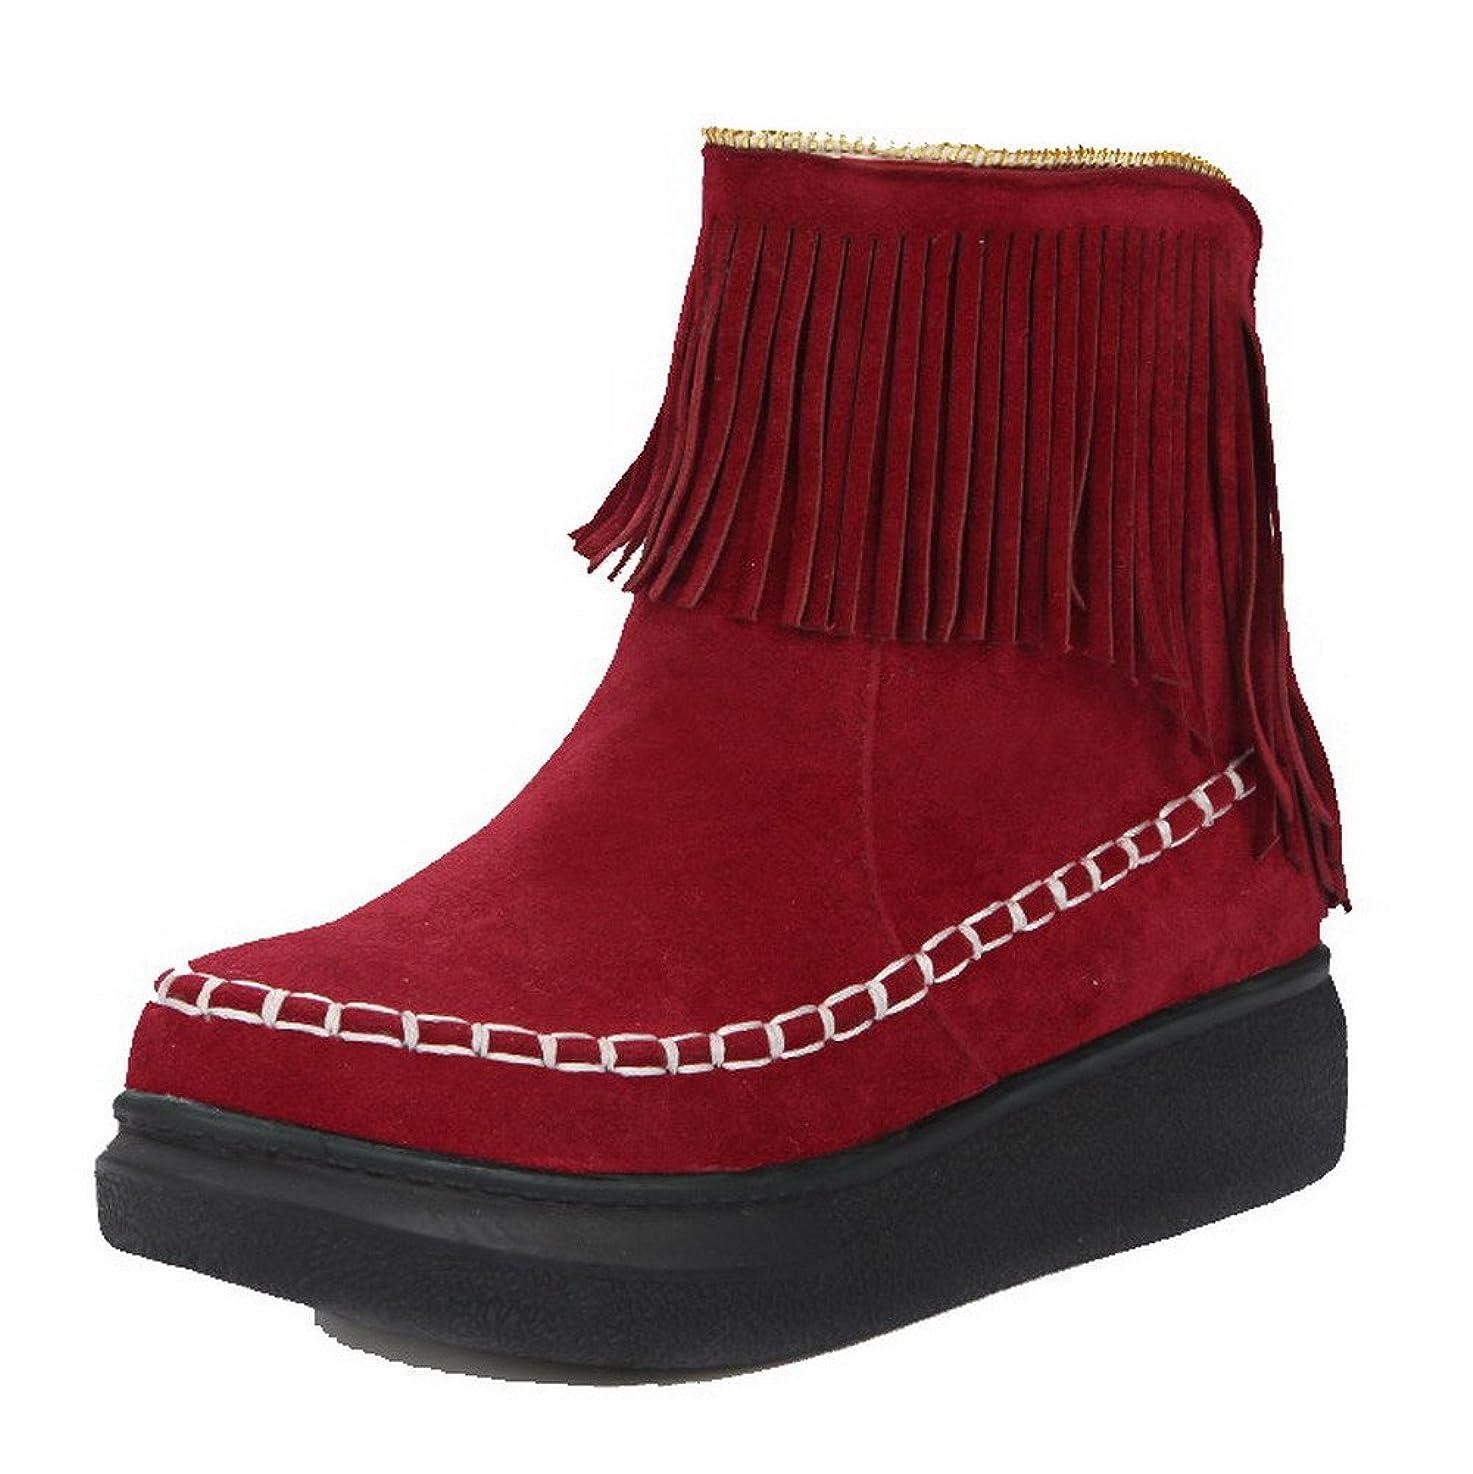 バーベキューリボンピュー(ウンファッション) WeenFashion レディース ヌバック ローヒール ラウンドトゥ フリンジ プルオン ブーツ